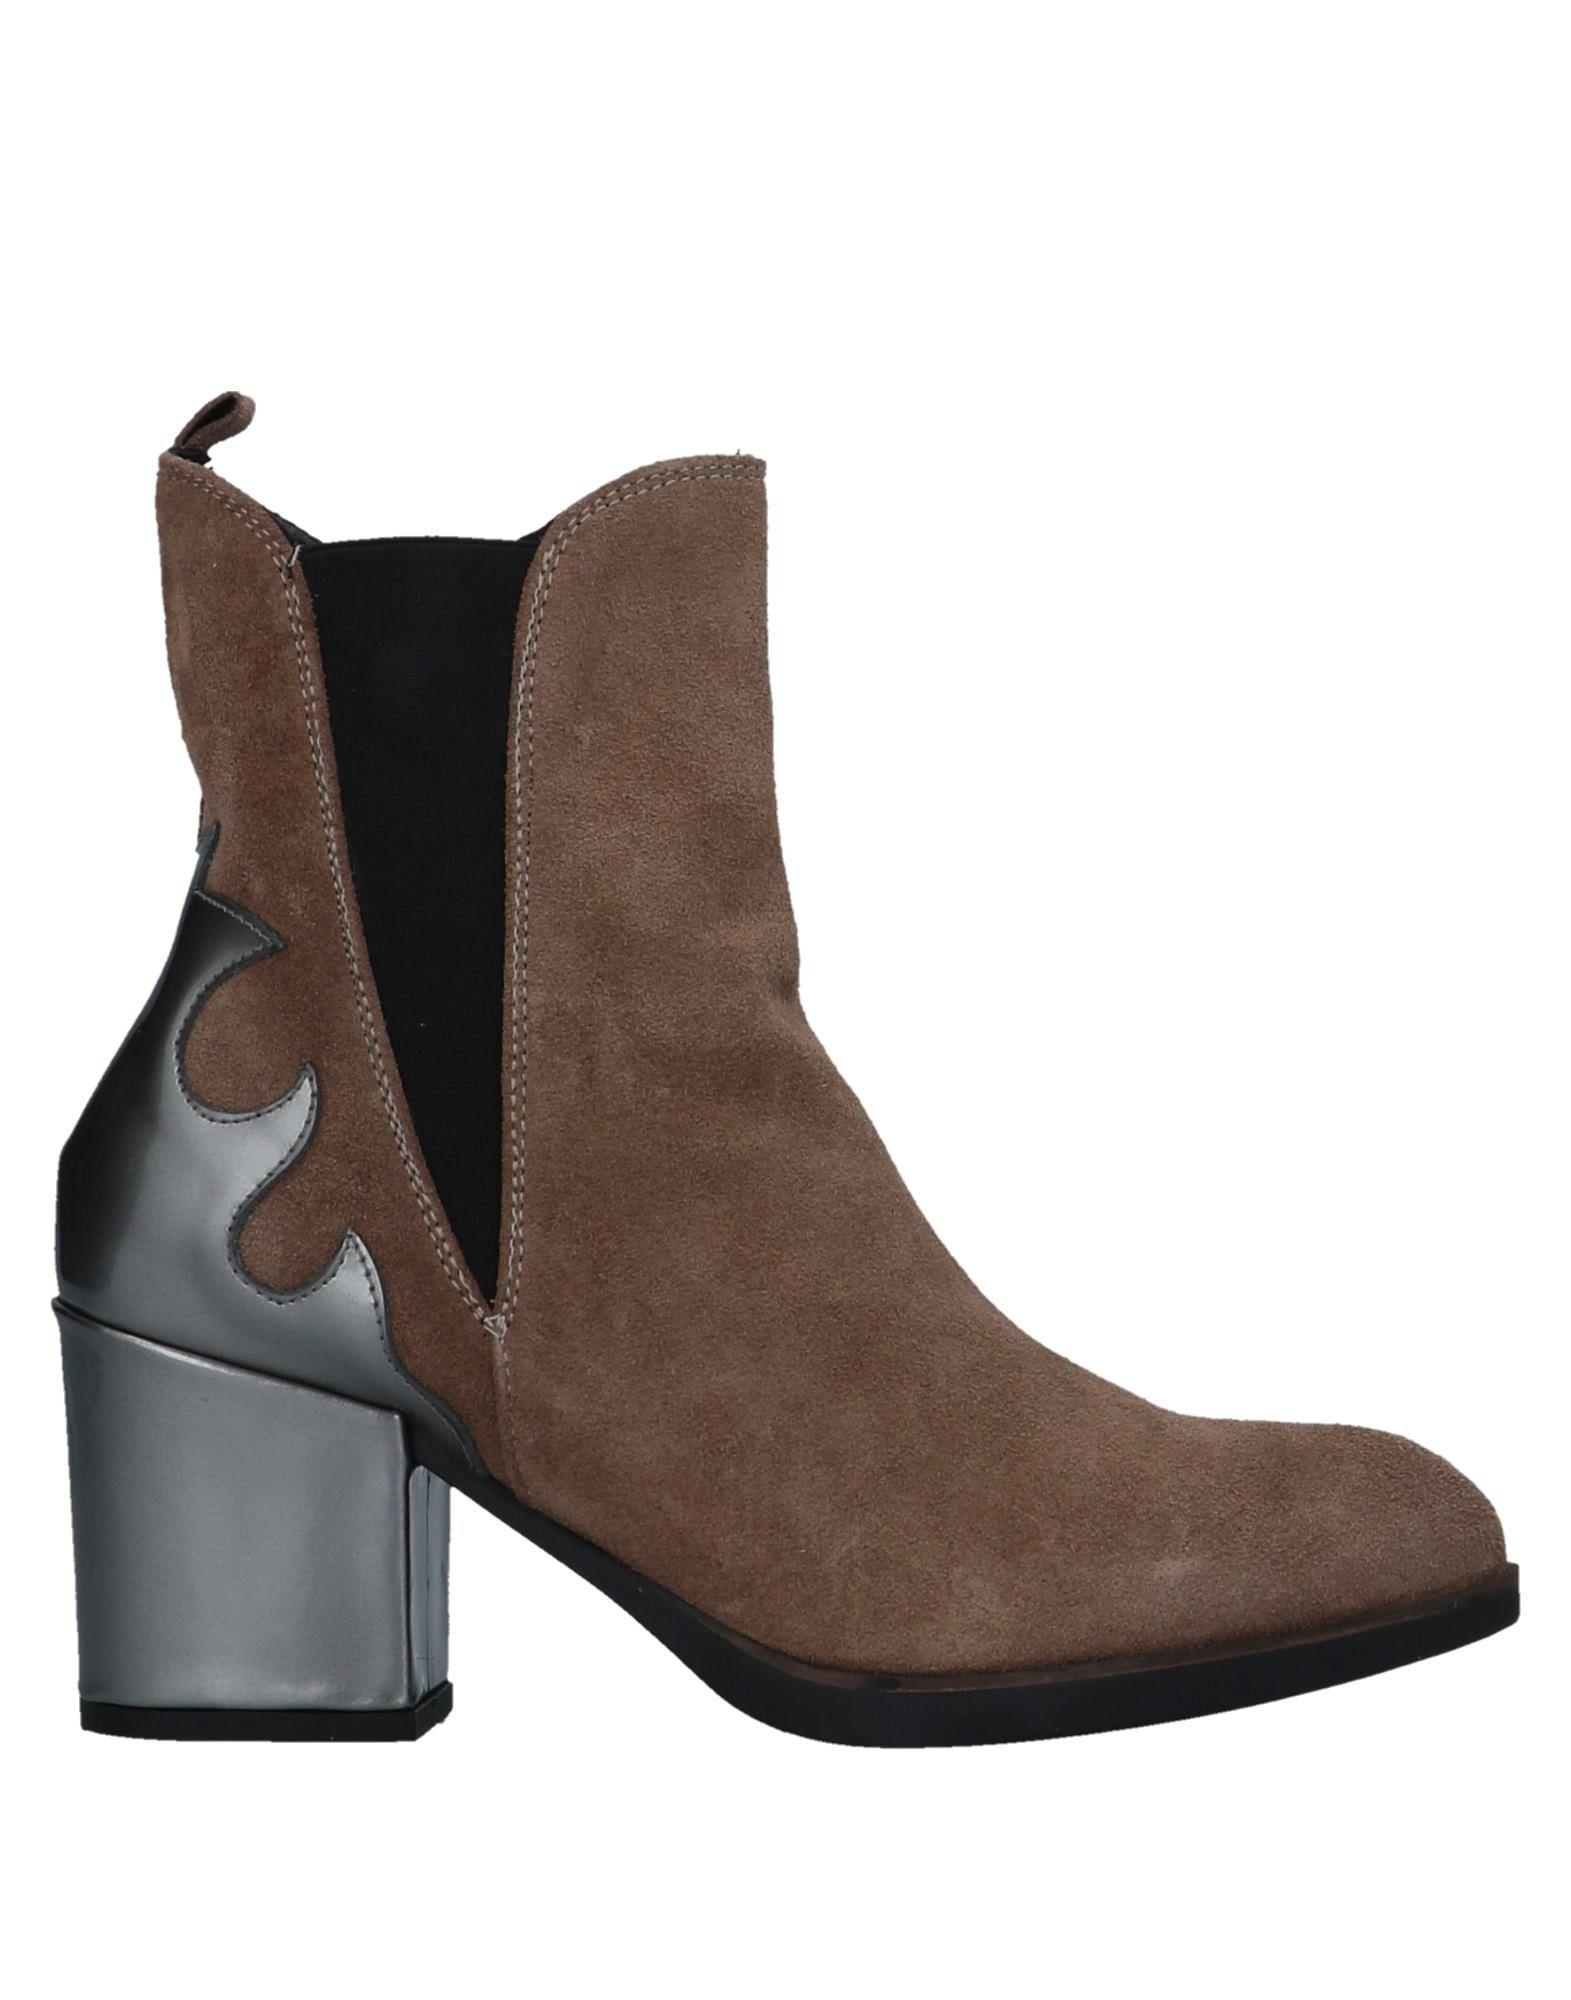 Espadrilles Stiefelette beliebte Damen  11538523VQ Gute Qualität beliebte Stiefelette Schuhe c94902